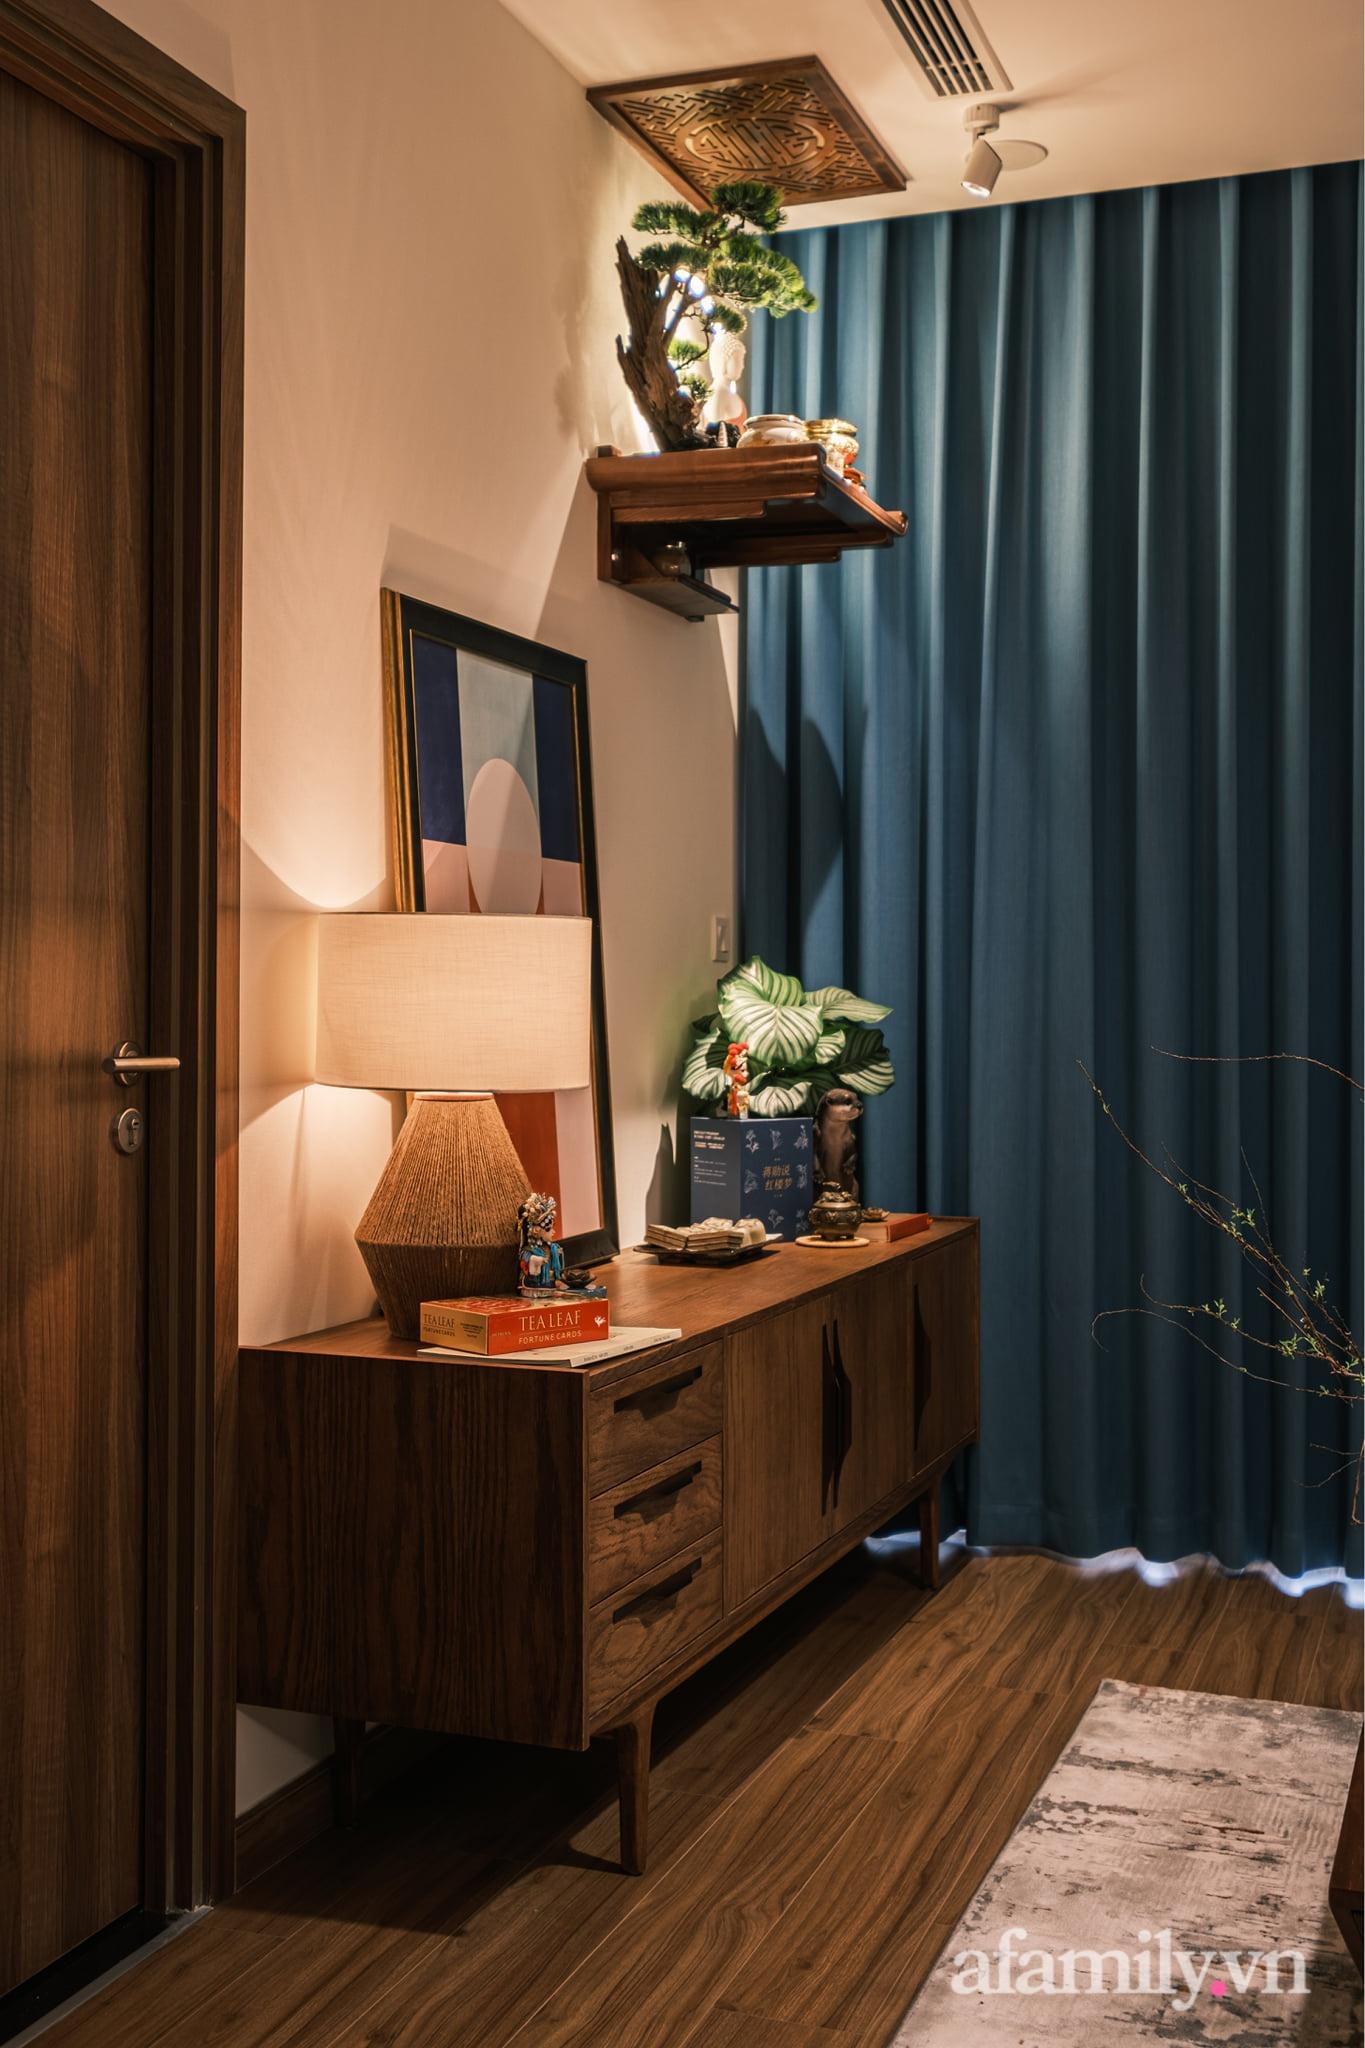 Căn hộ 60m² đẹp tĩnh lặng và tinh tế mang hơi thở của Zen ở quận 7 Sài Gòn - Ảnh 10.